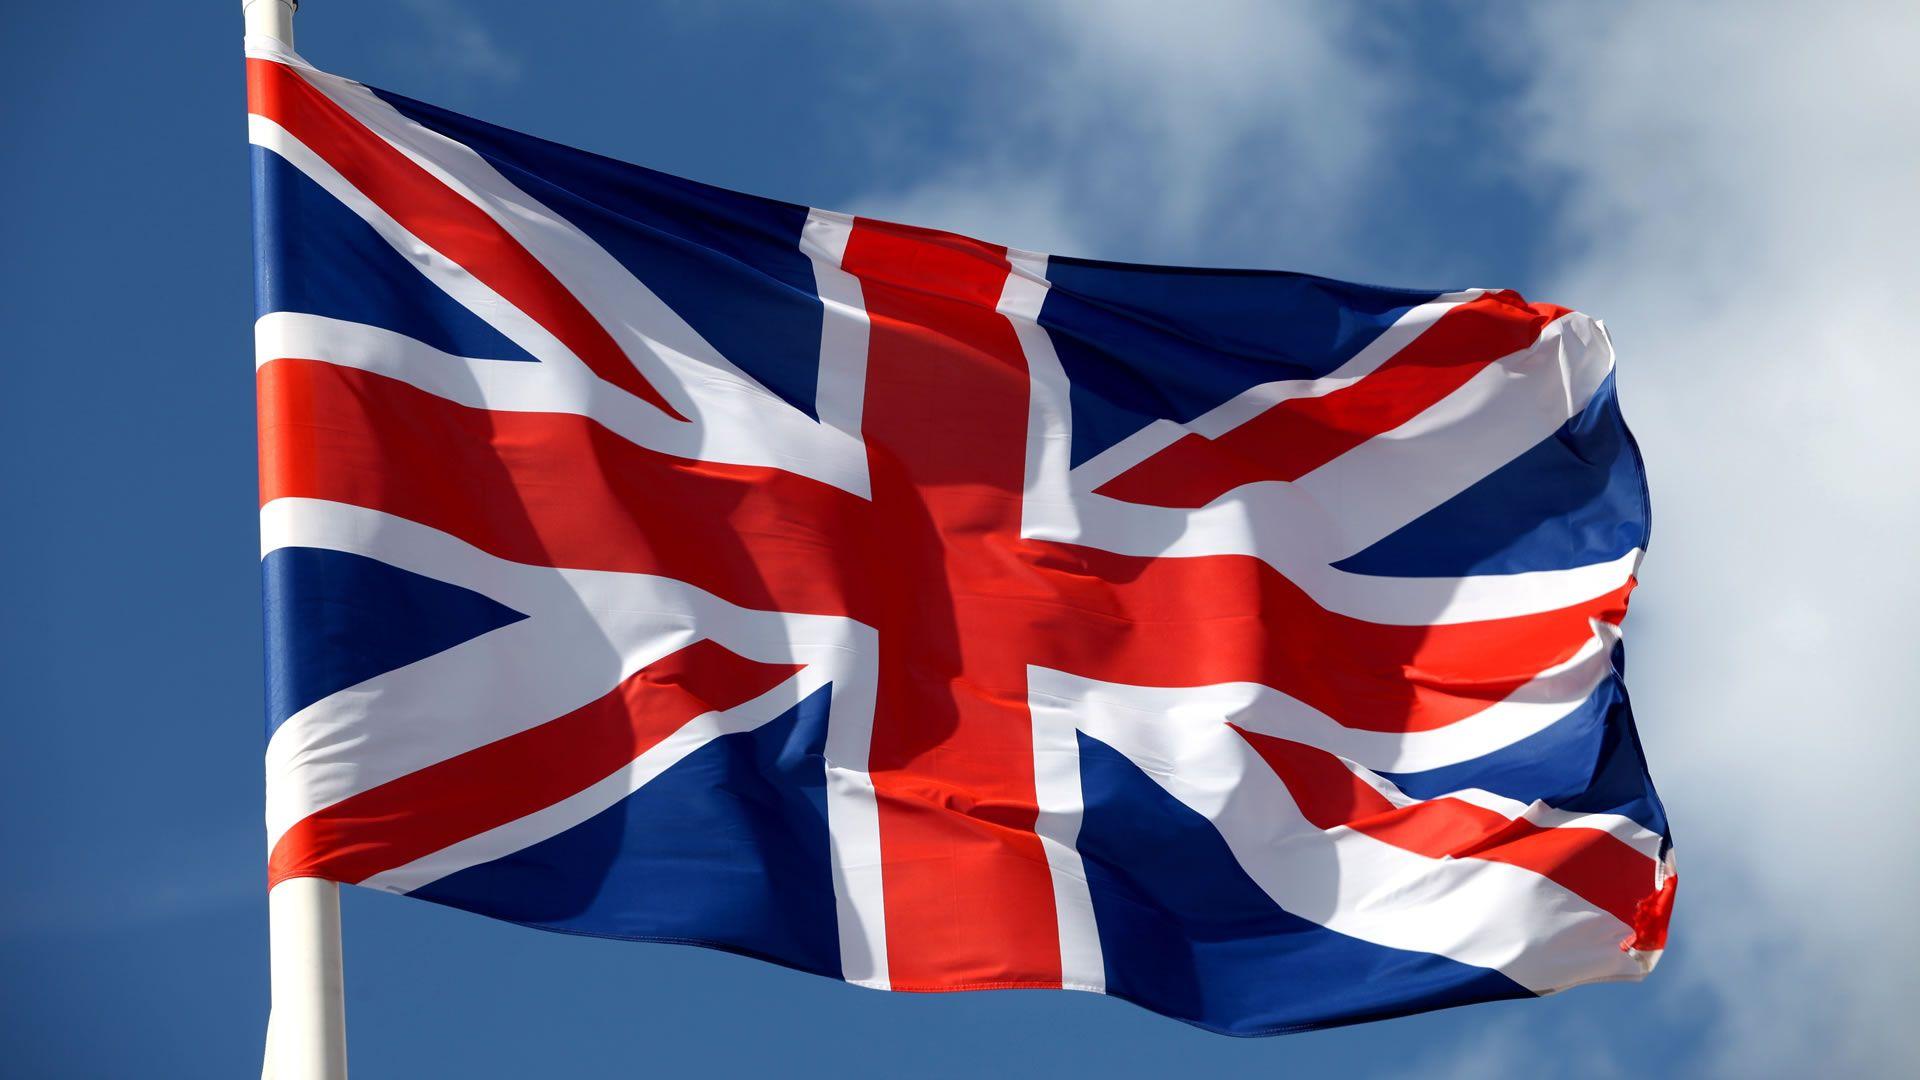 ¿Puedo viajar sin visado a Reino Unido si soy extranjero con permiso de residencia en España?